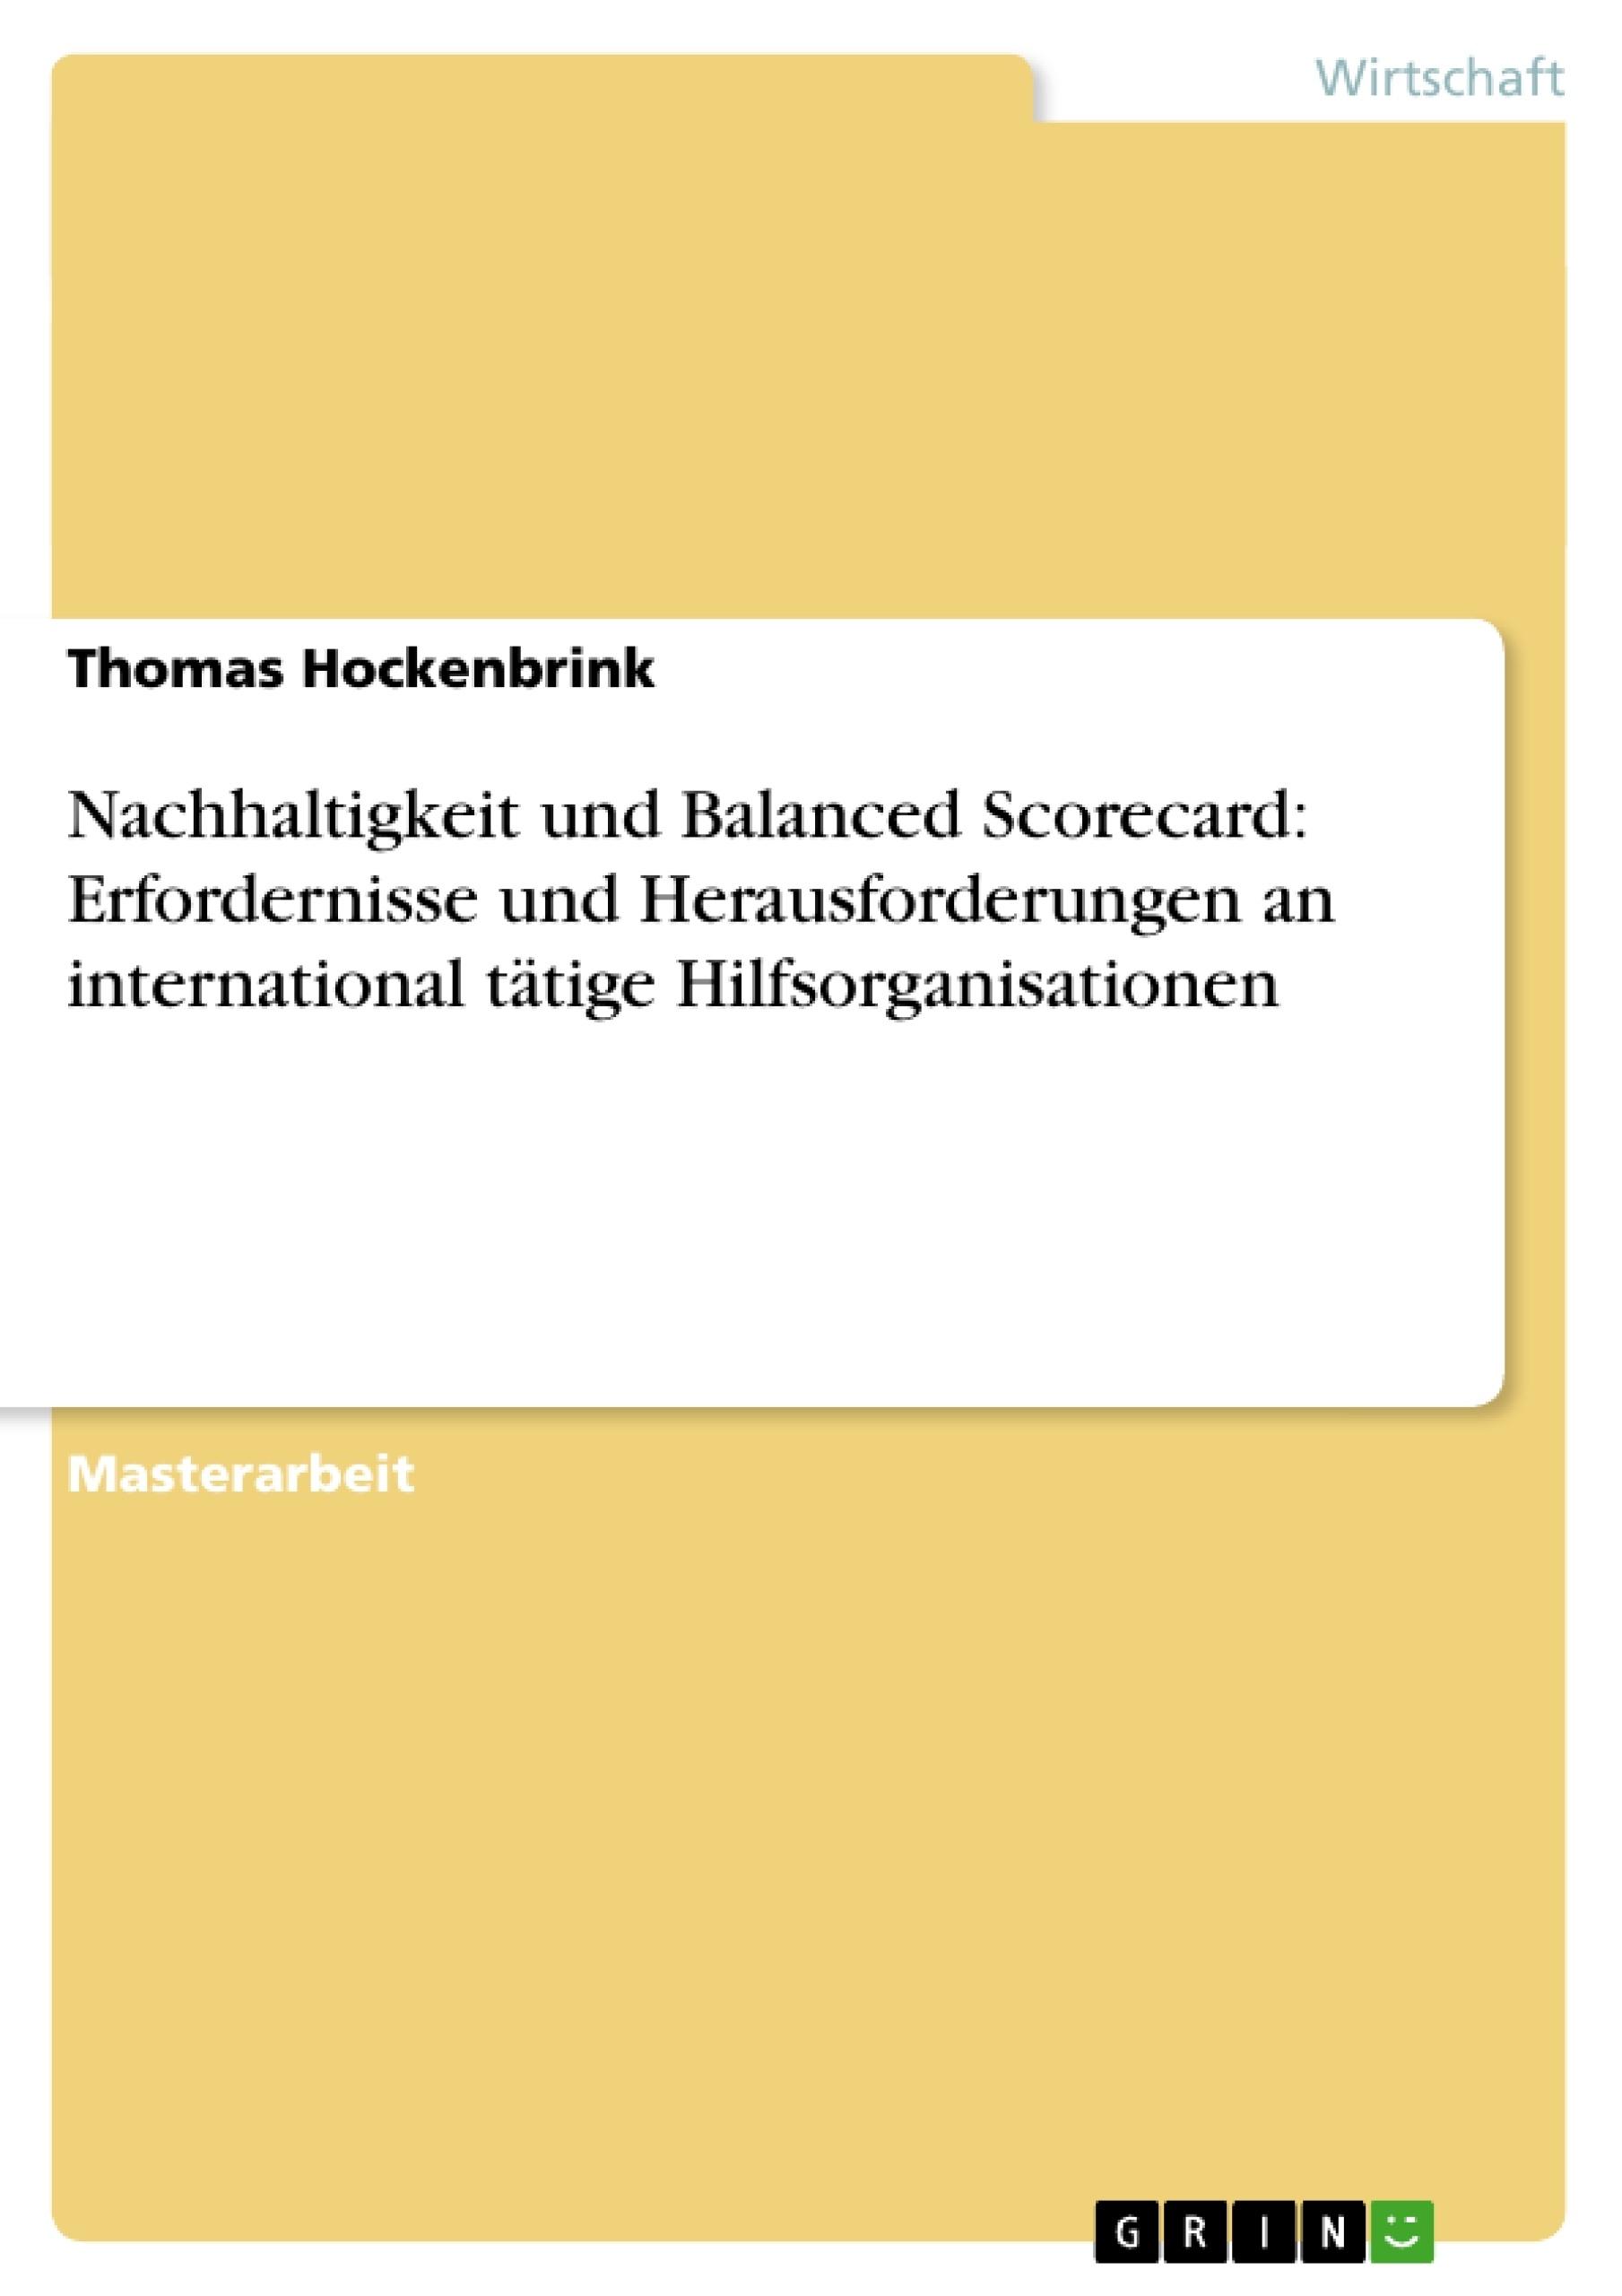 Titel: Nachhaltigkeit und Balanced Scorecard: Erfordernisse und Herausforderungen an international tätige Hilfsorganisationen